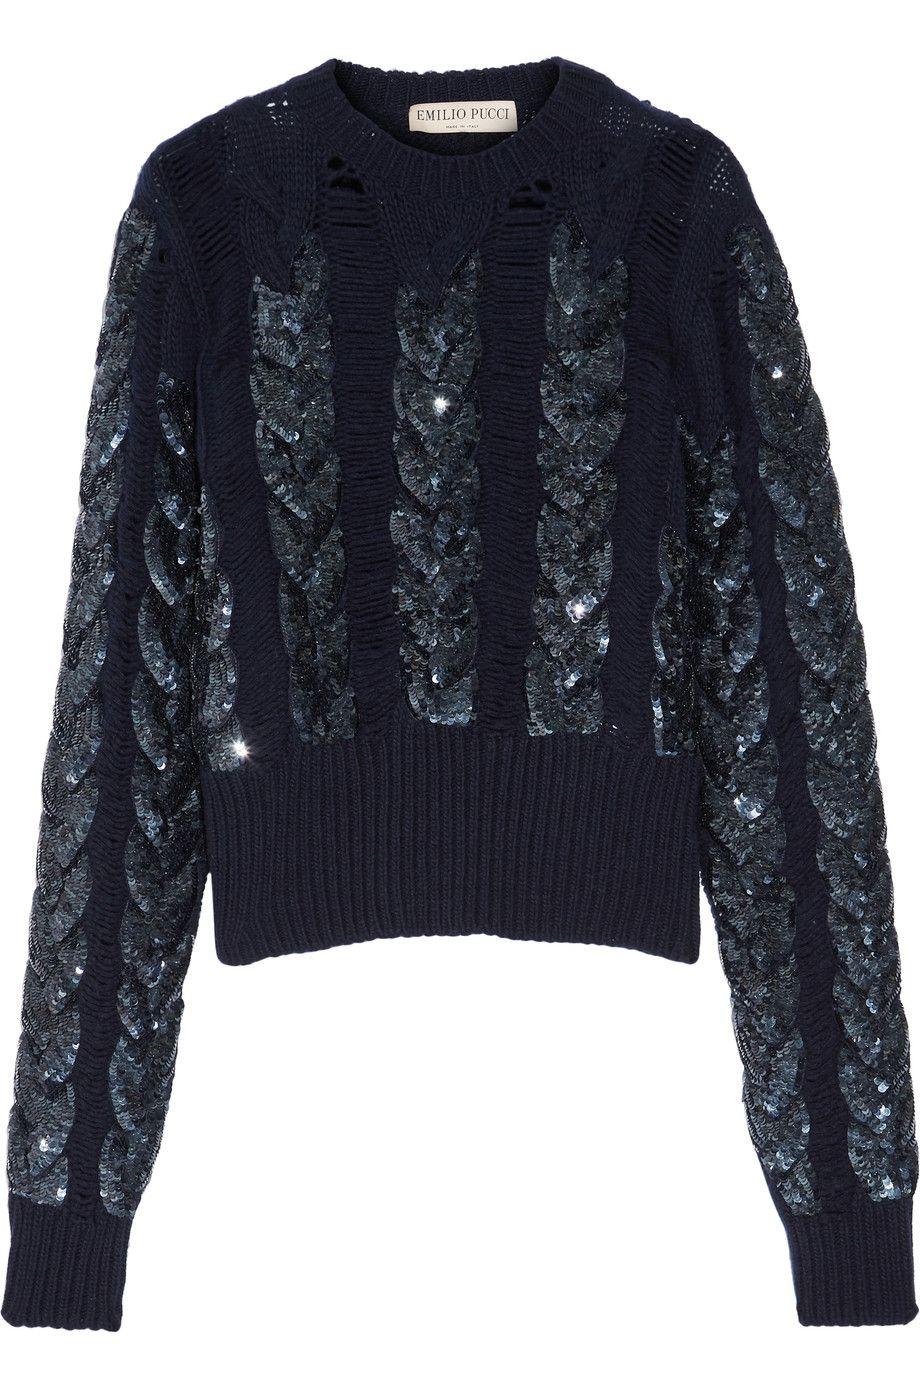 EMILIO PUCCI .  emiliopucci  cloth  sweater   Emilio Pucci ... 7761cabd84b1